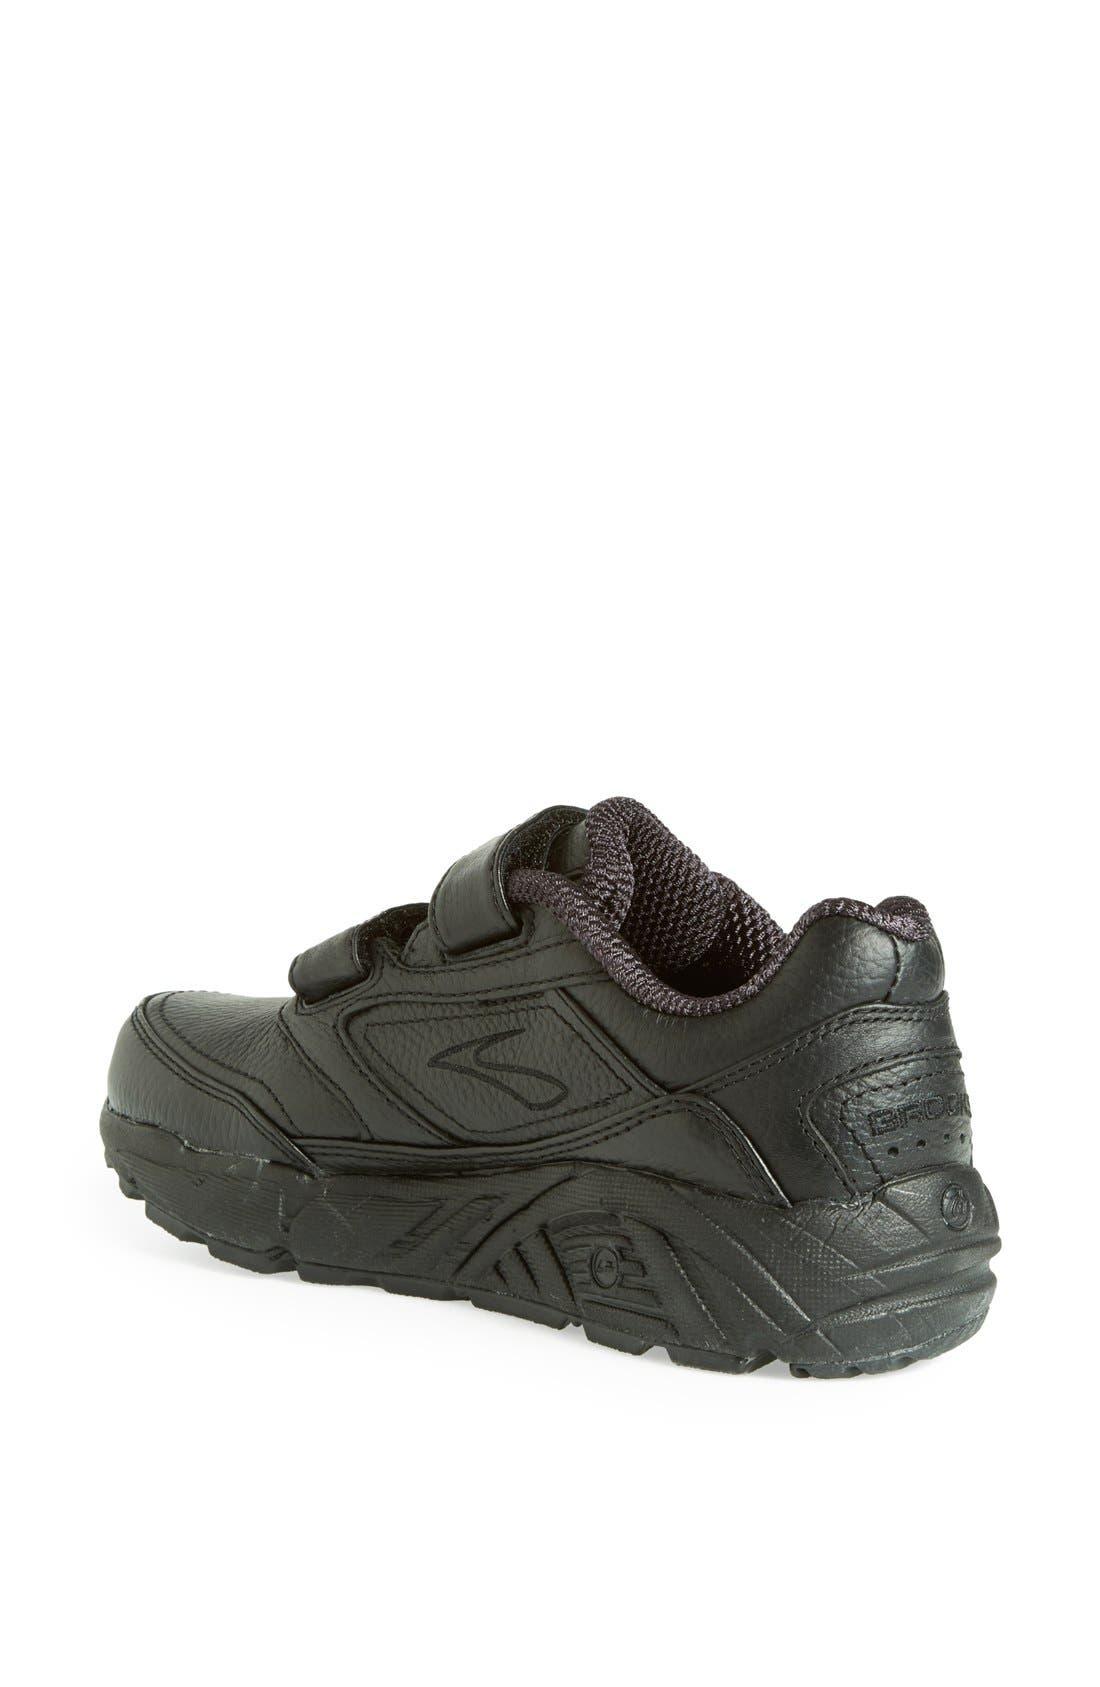 Alternate Image 2  - Brooks 'Addiction' Walking Shoe (Women)